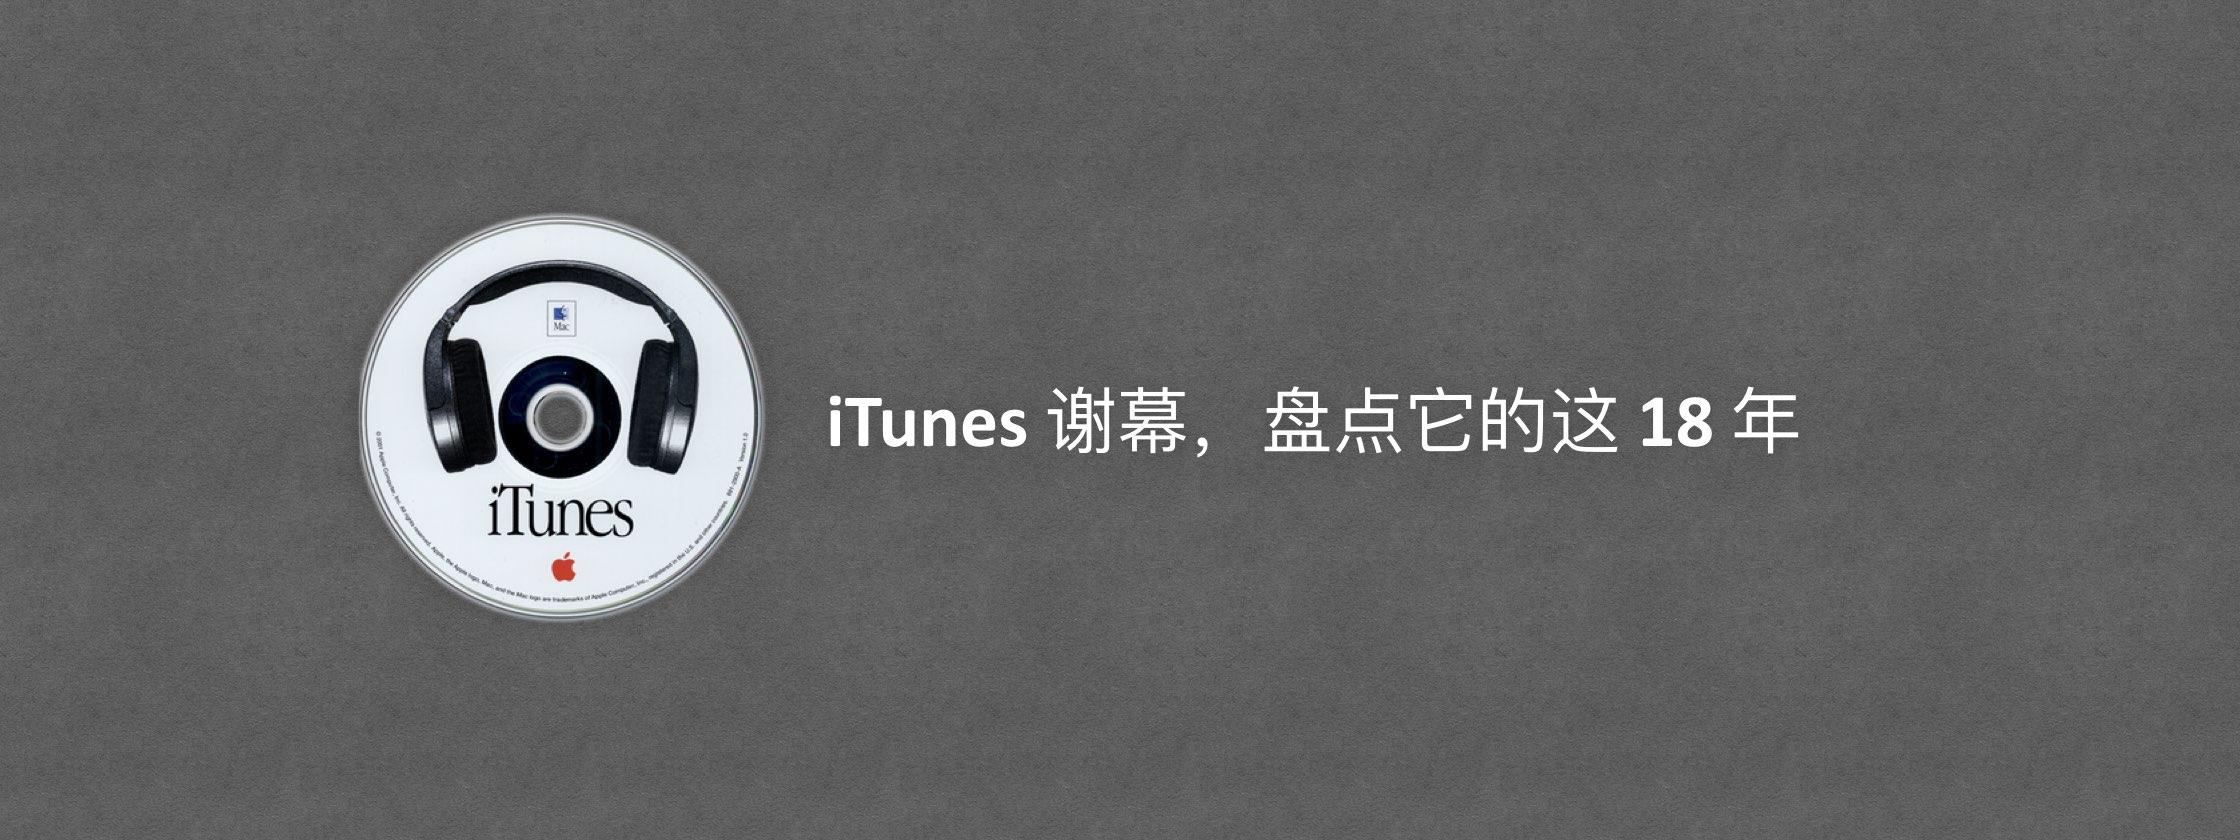 iTunes 谢幕,盘点它的这 18 年